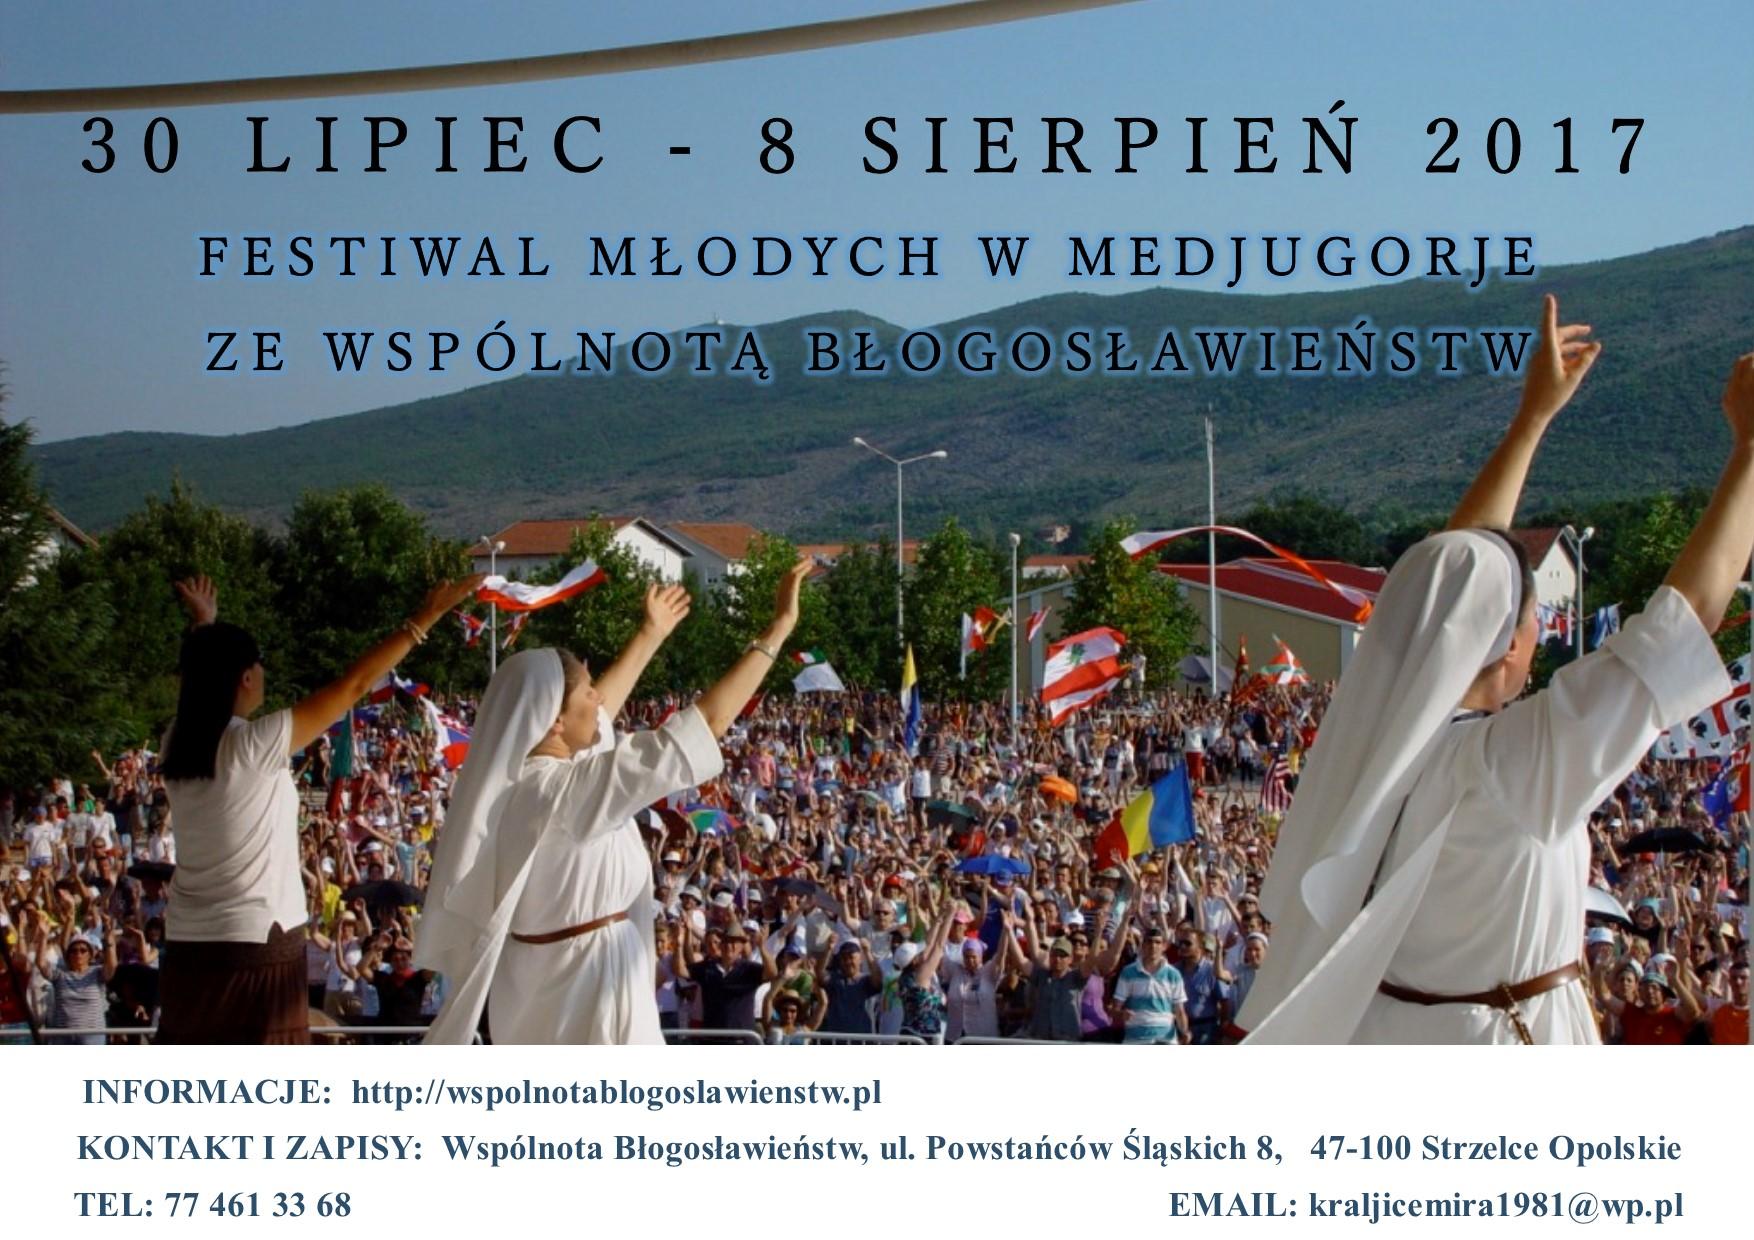 Medj - Festiwal Młodych